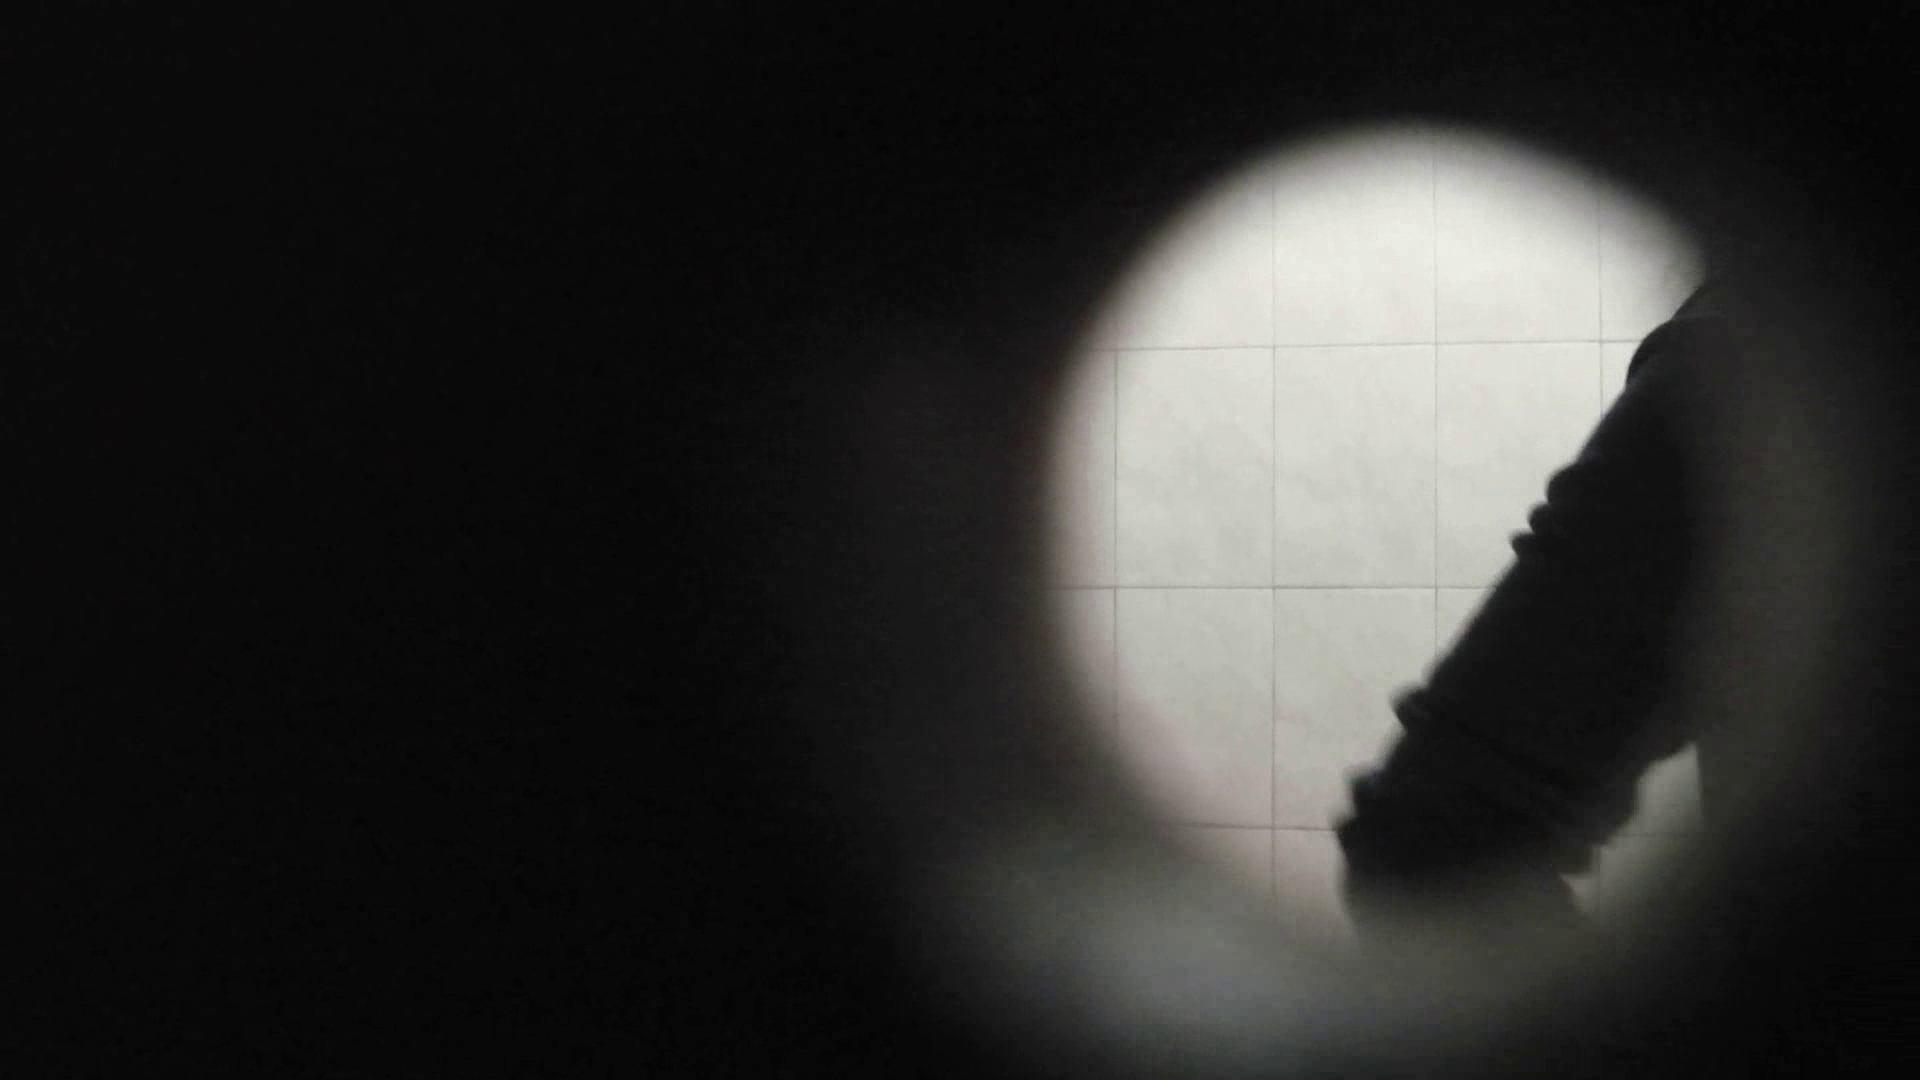 世界の射窓から ステーション編 vol.18 ゴン太 推定600g超過 エッチすぎるOL達 | 0  87連発 73